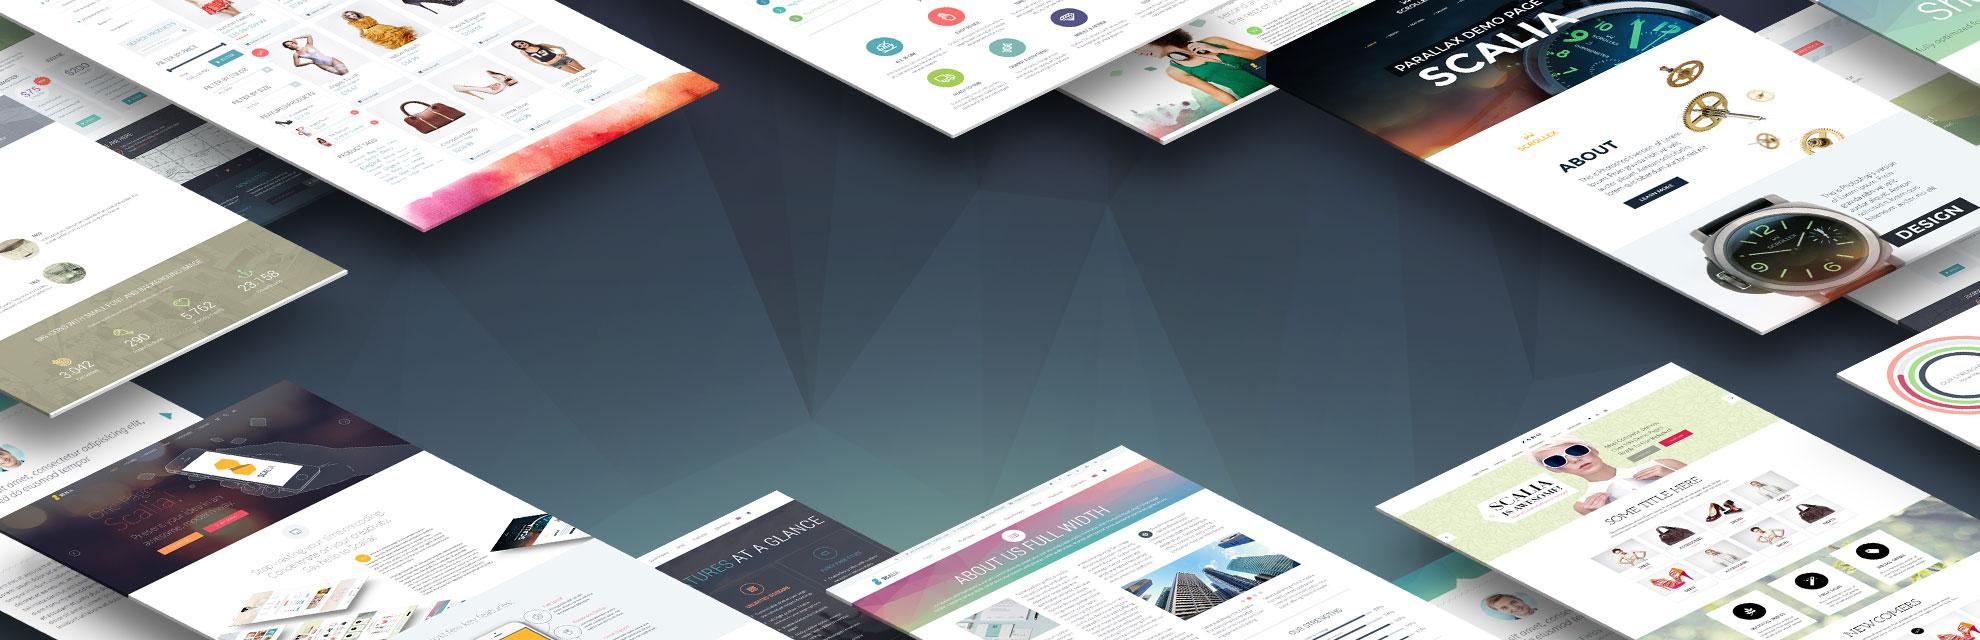 Razones para contratar servicio de diseño web